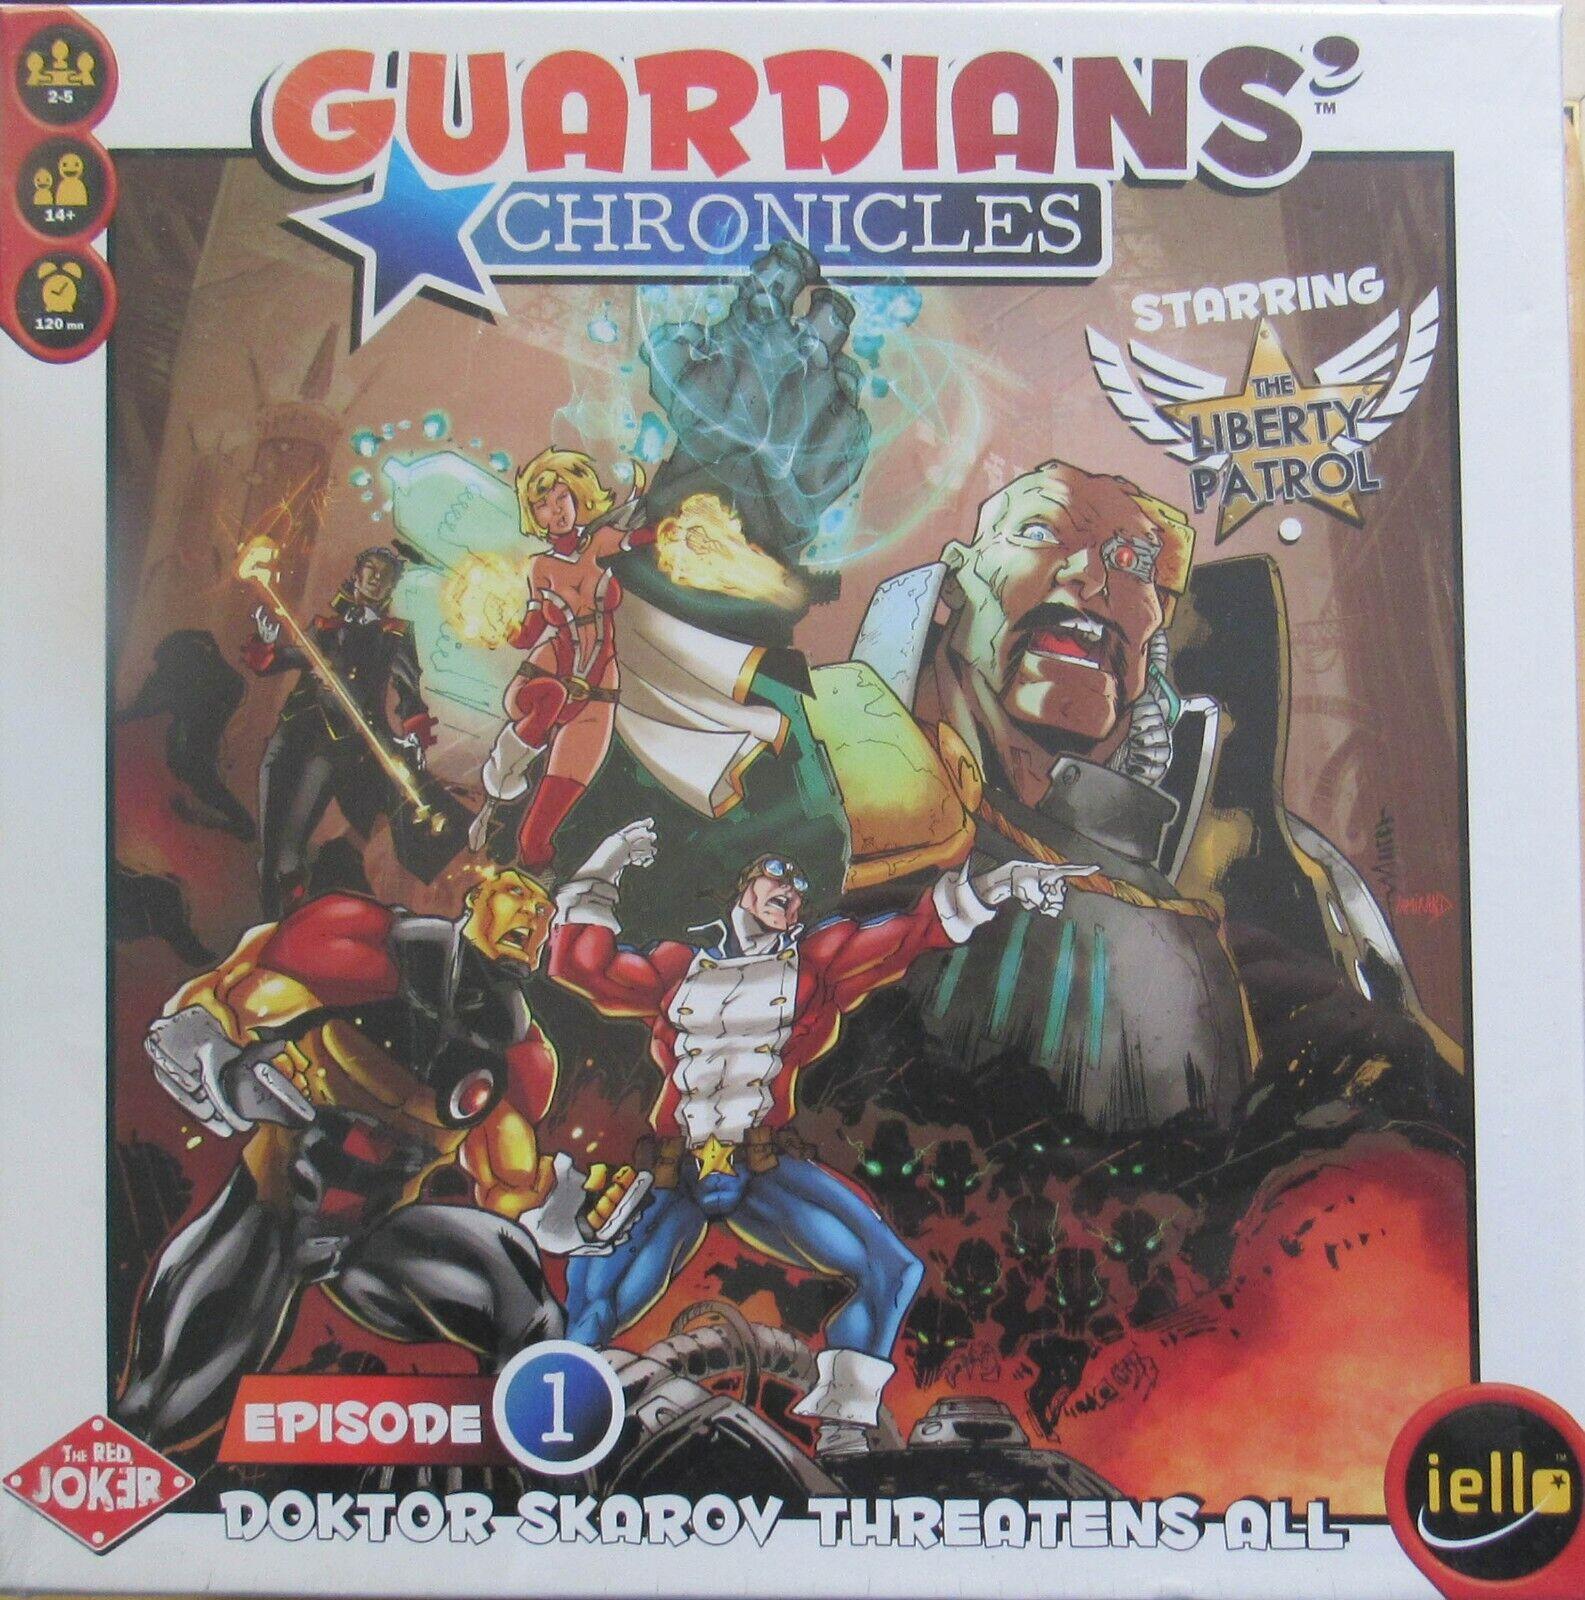 Iello, Guardians Chronicles Episode 1